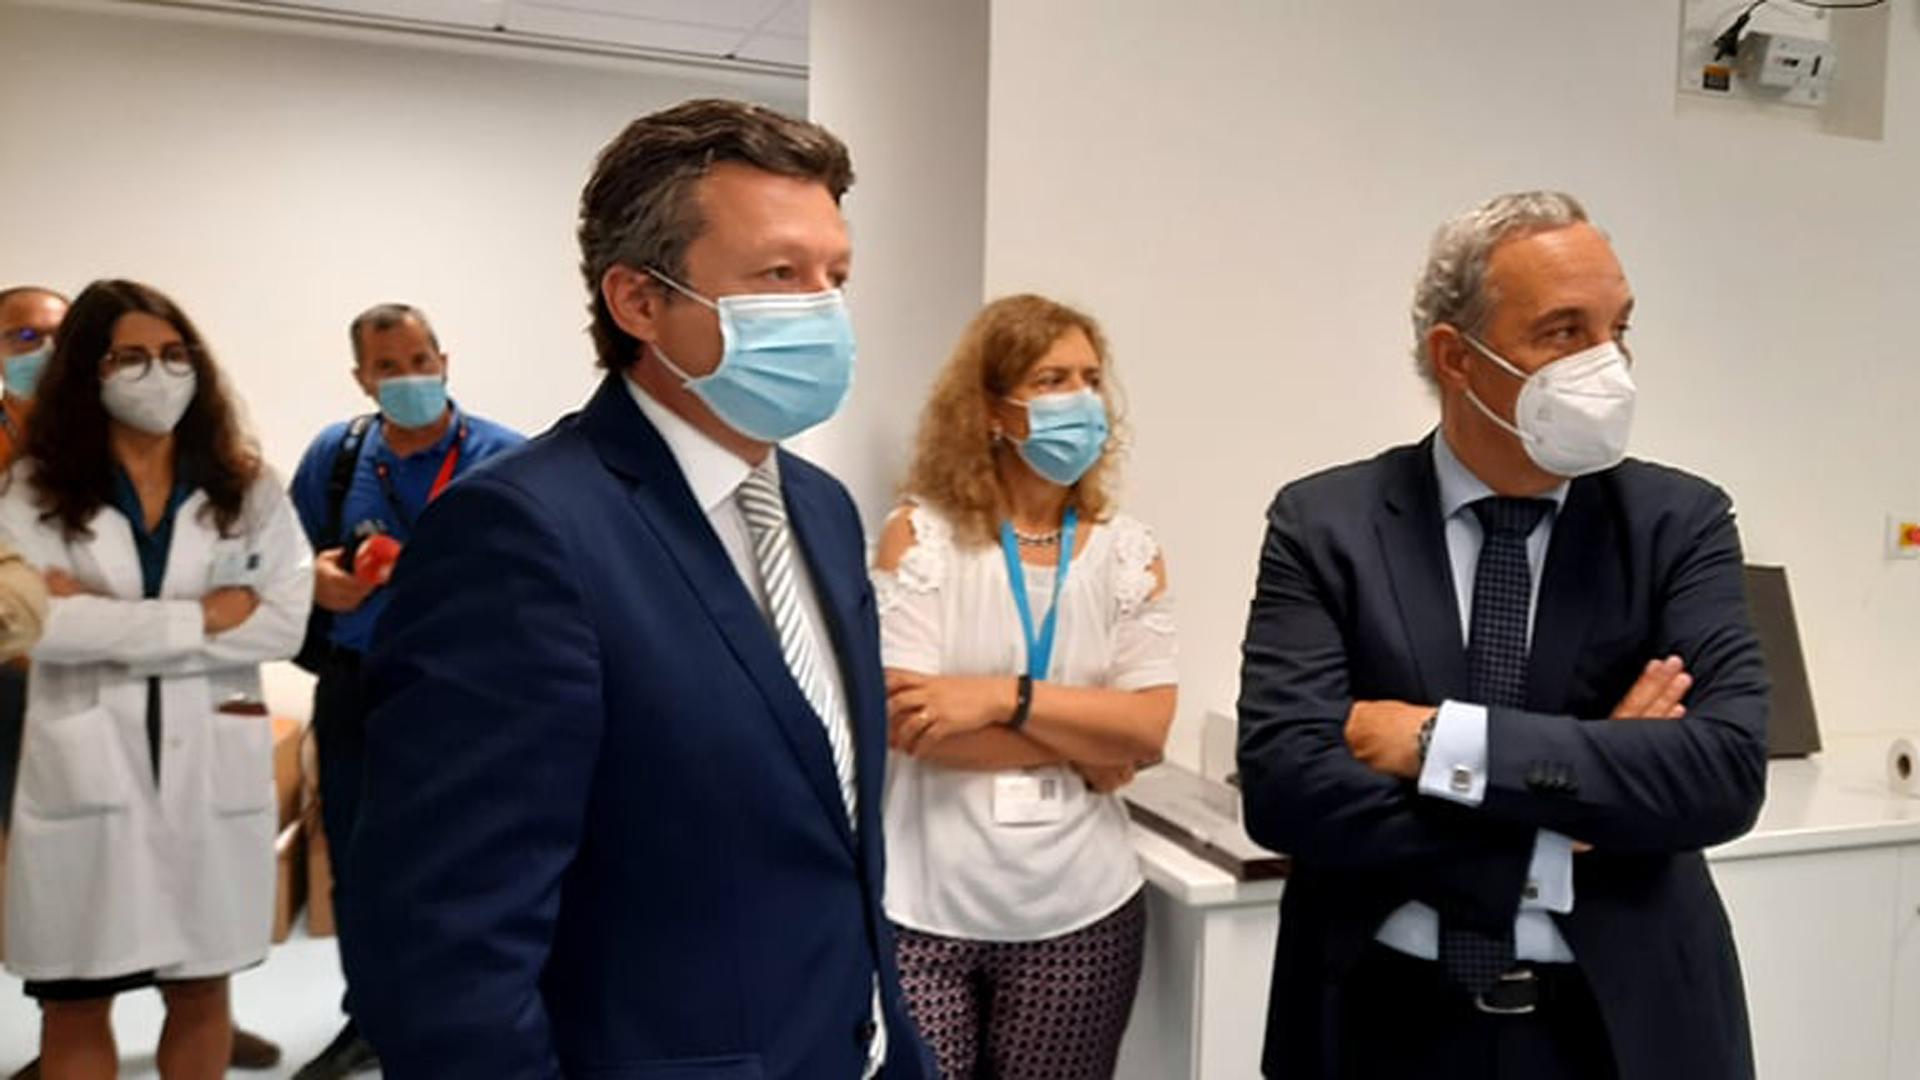 Visita a futura Unidade de Radioterapia do Hospital de Santo Espírito da Ilha Terceira